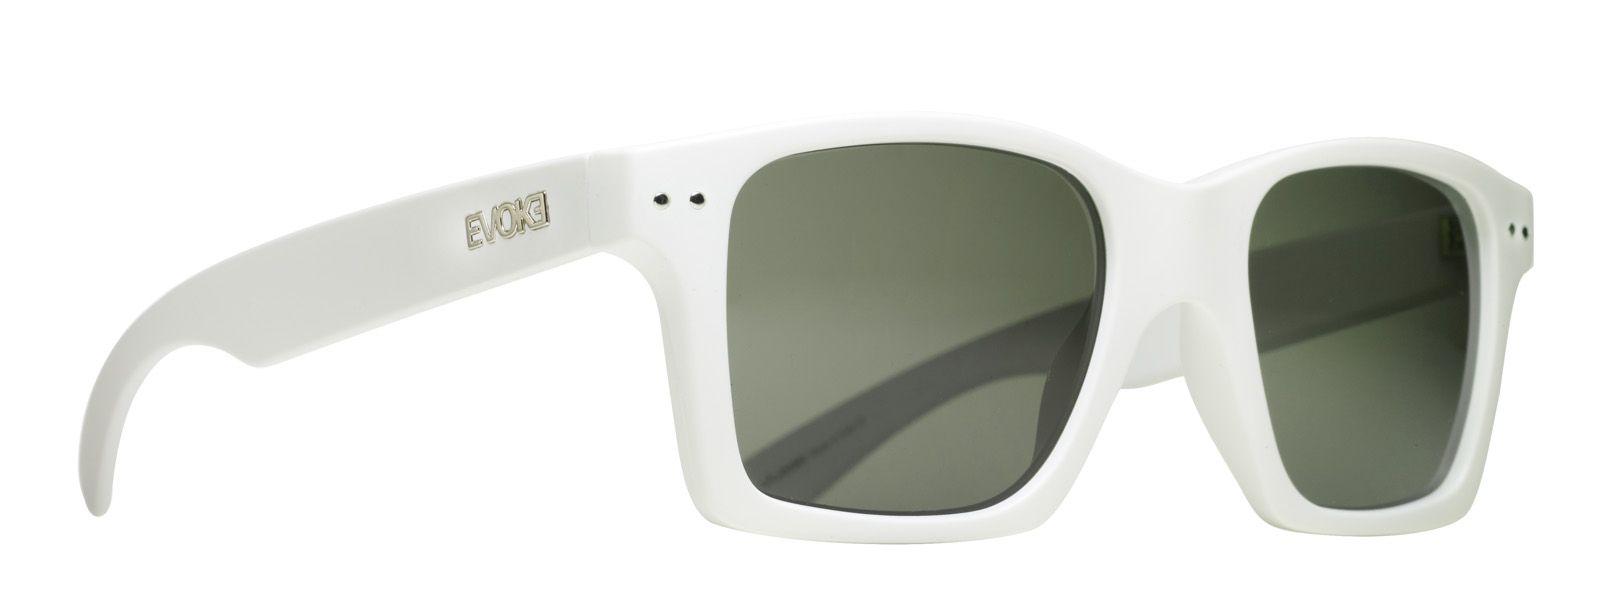 7e19bff3f0d02 Trigger White Matte Silver G15 Total. Máxima qualidade e estilo. Produzido  artesanalmente na Itália